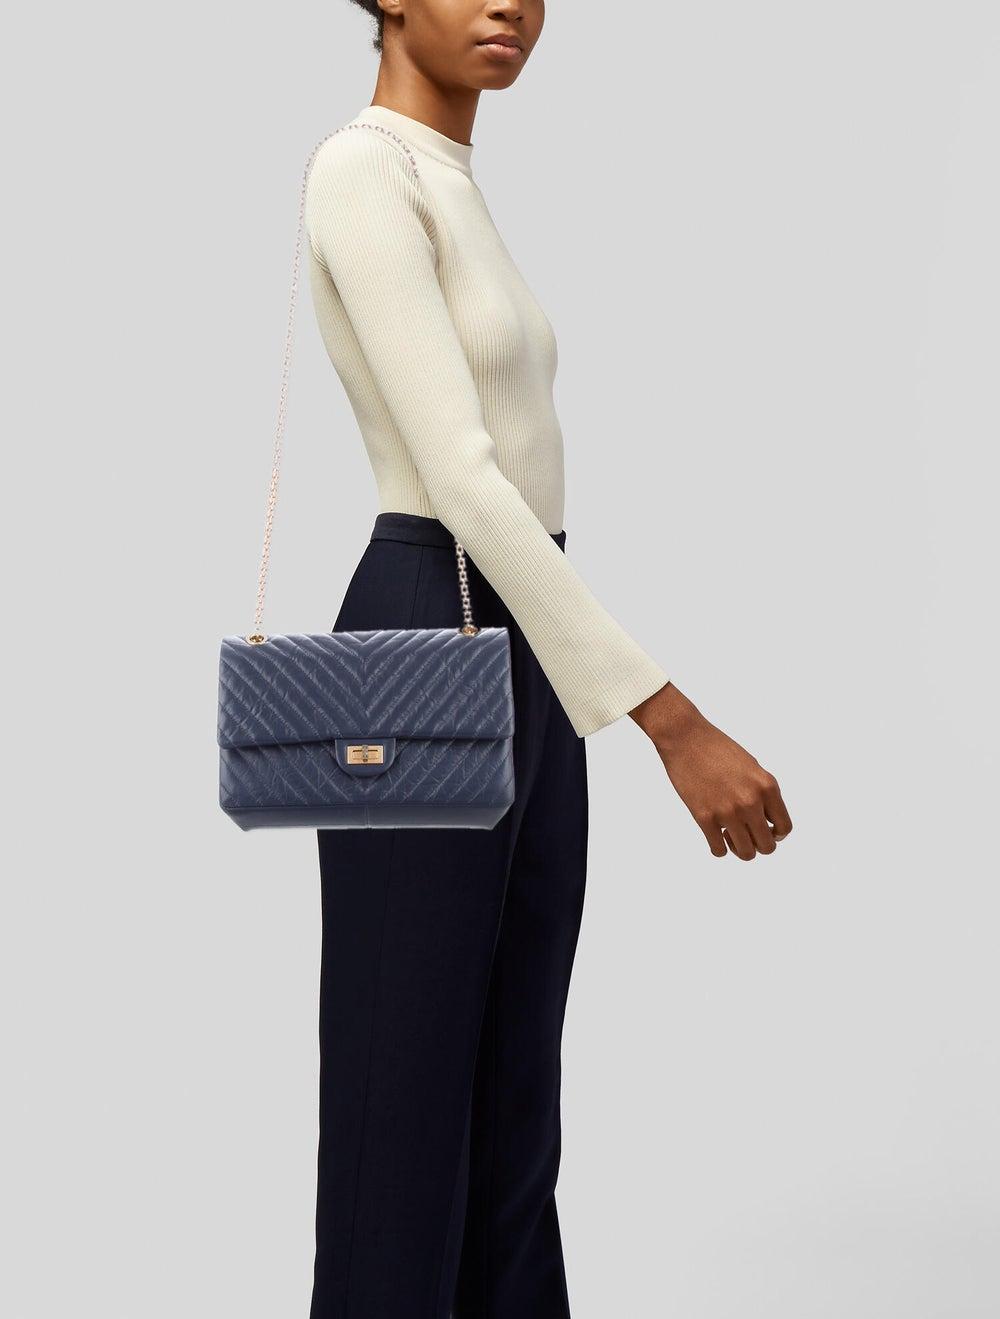 Chanel Chevron Reissue 226 Double Flap Bag Blue - image 2